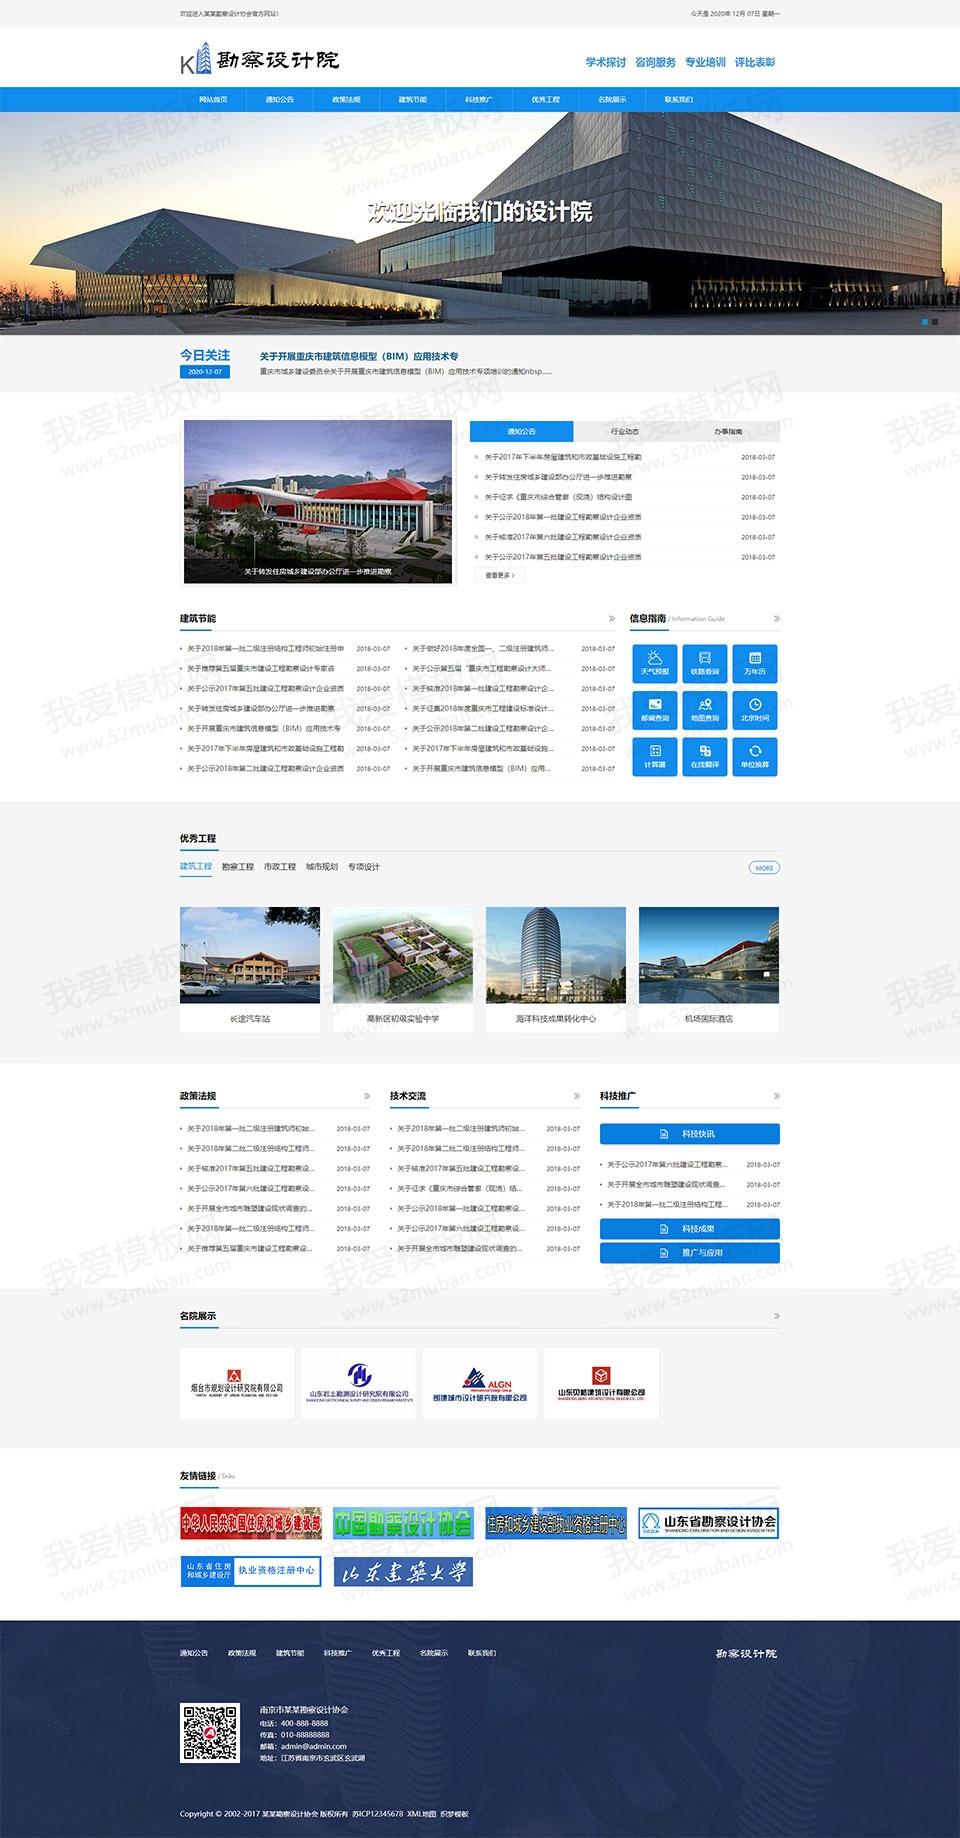 蓝色政府勘察设计院协会类织梦响应式模板下载